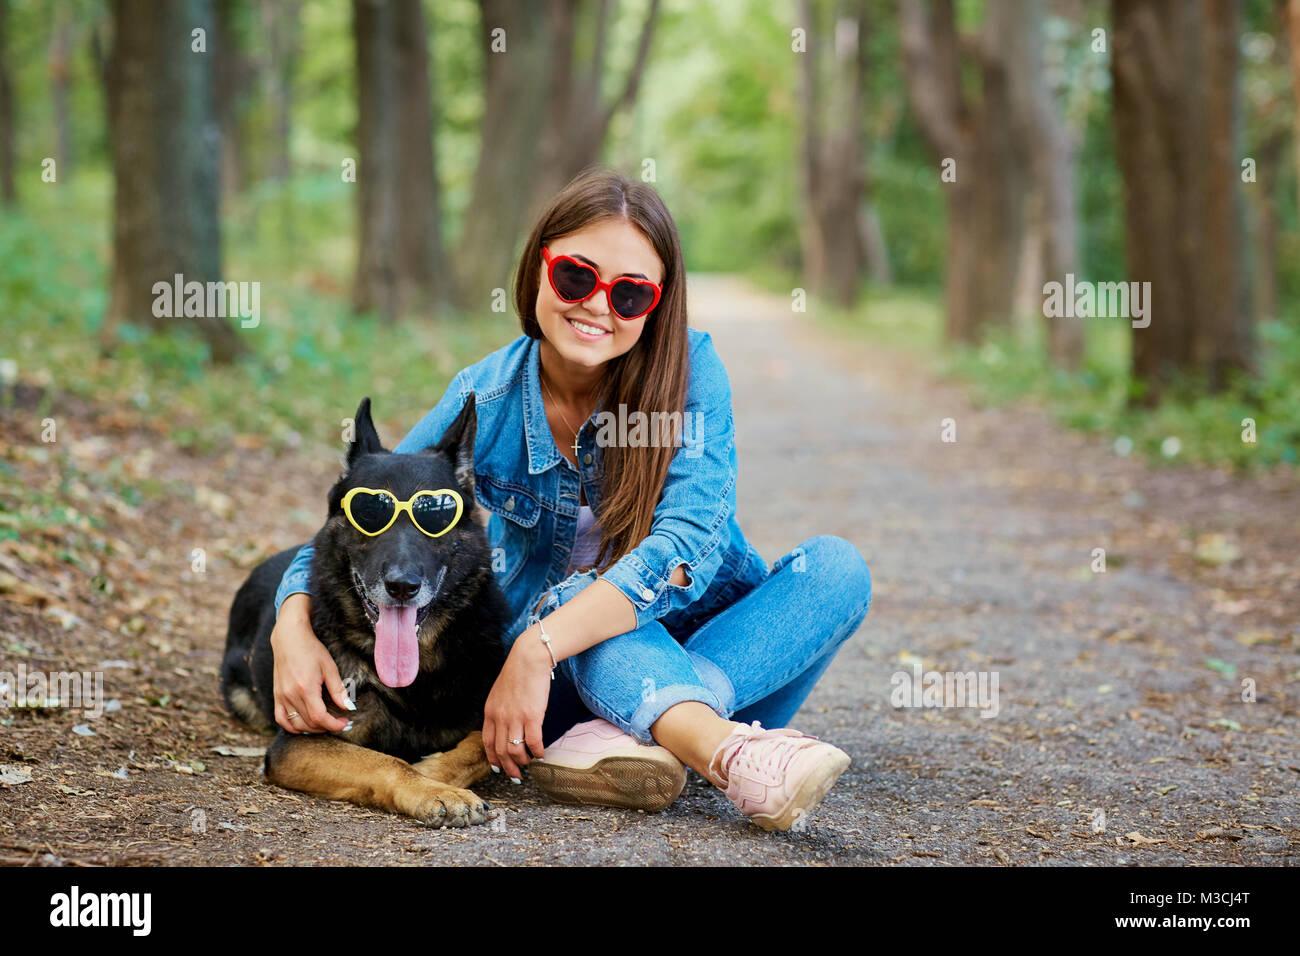 Junge Mädchen mit einem Hund in der Sonnenbrille im Park. Schäferhund Deutsche Stockbild